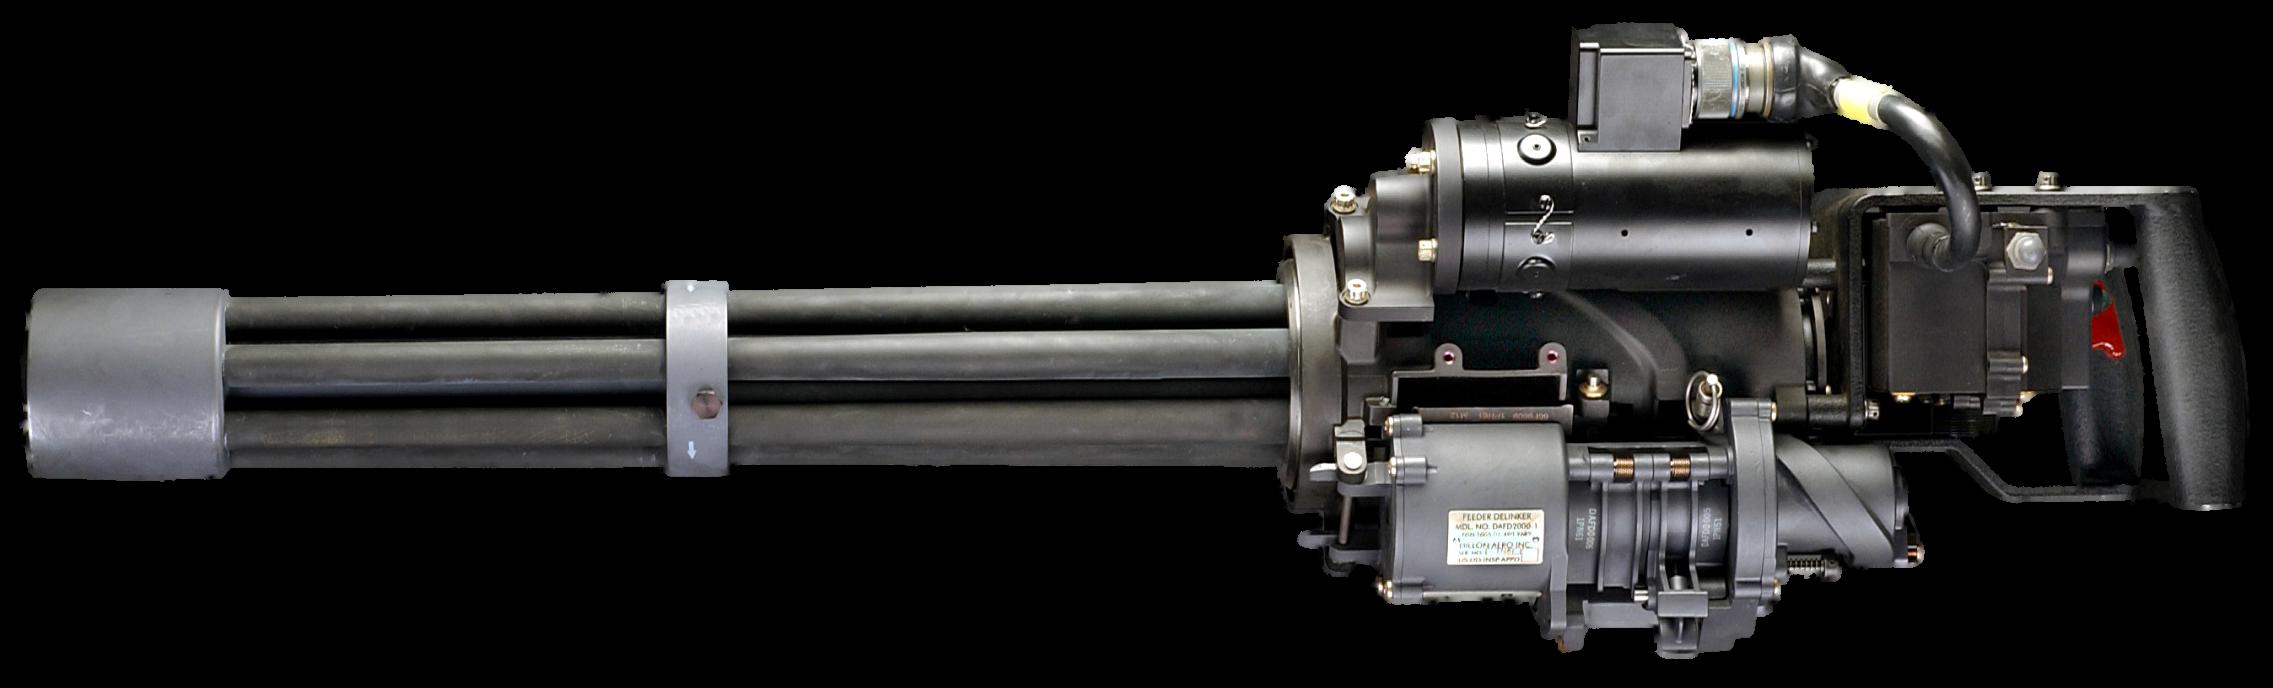 M134 heavy machine gun